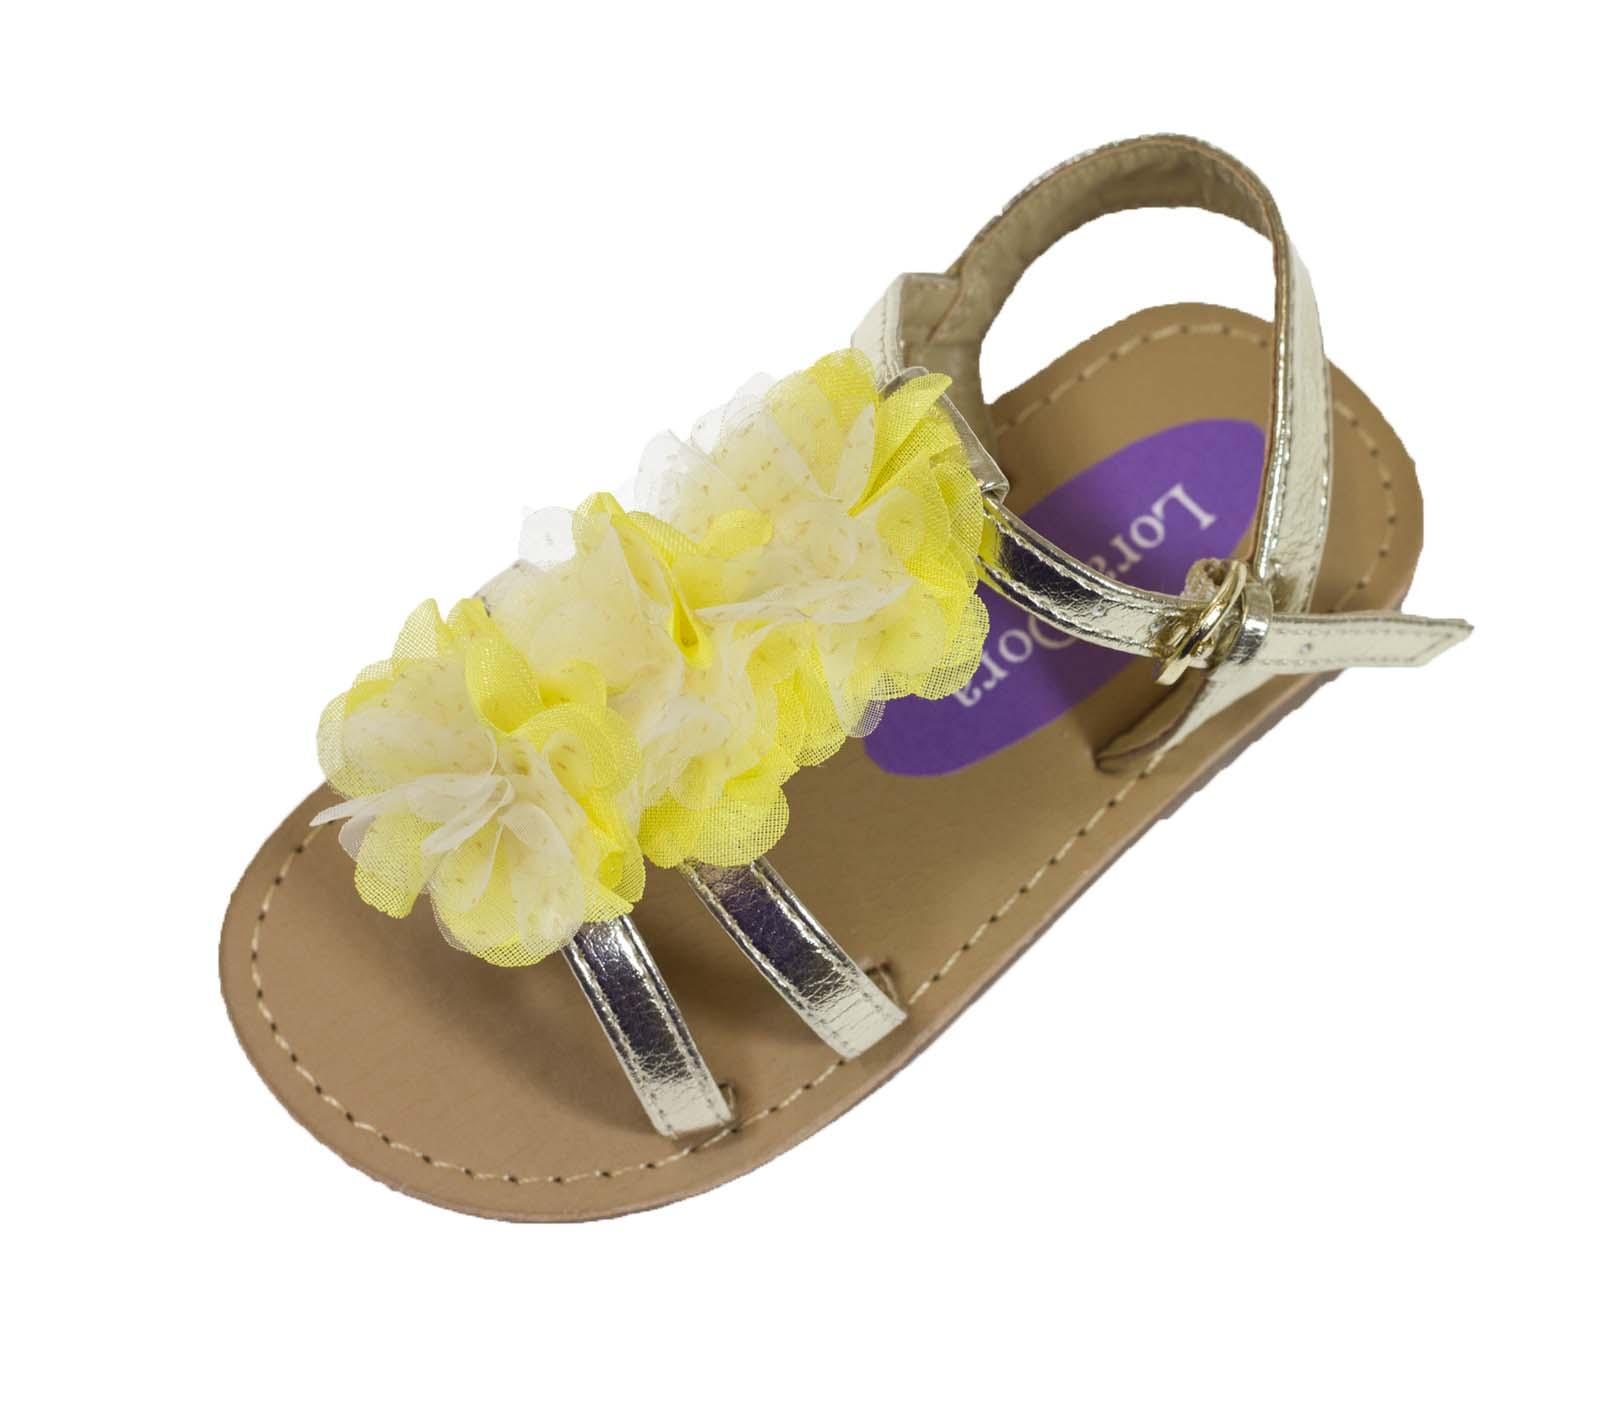 Niños Chicas De Verano Sandalias Niños Playa Zapatos Flor Partido Flats Talla Uk 4 - 12